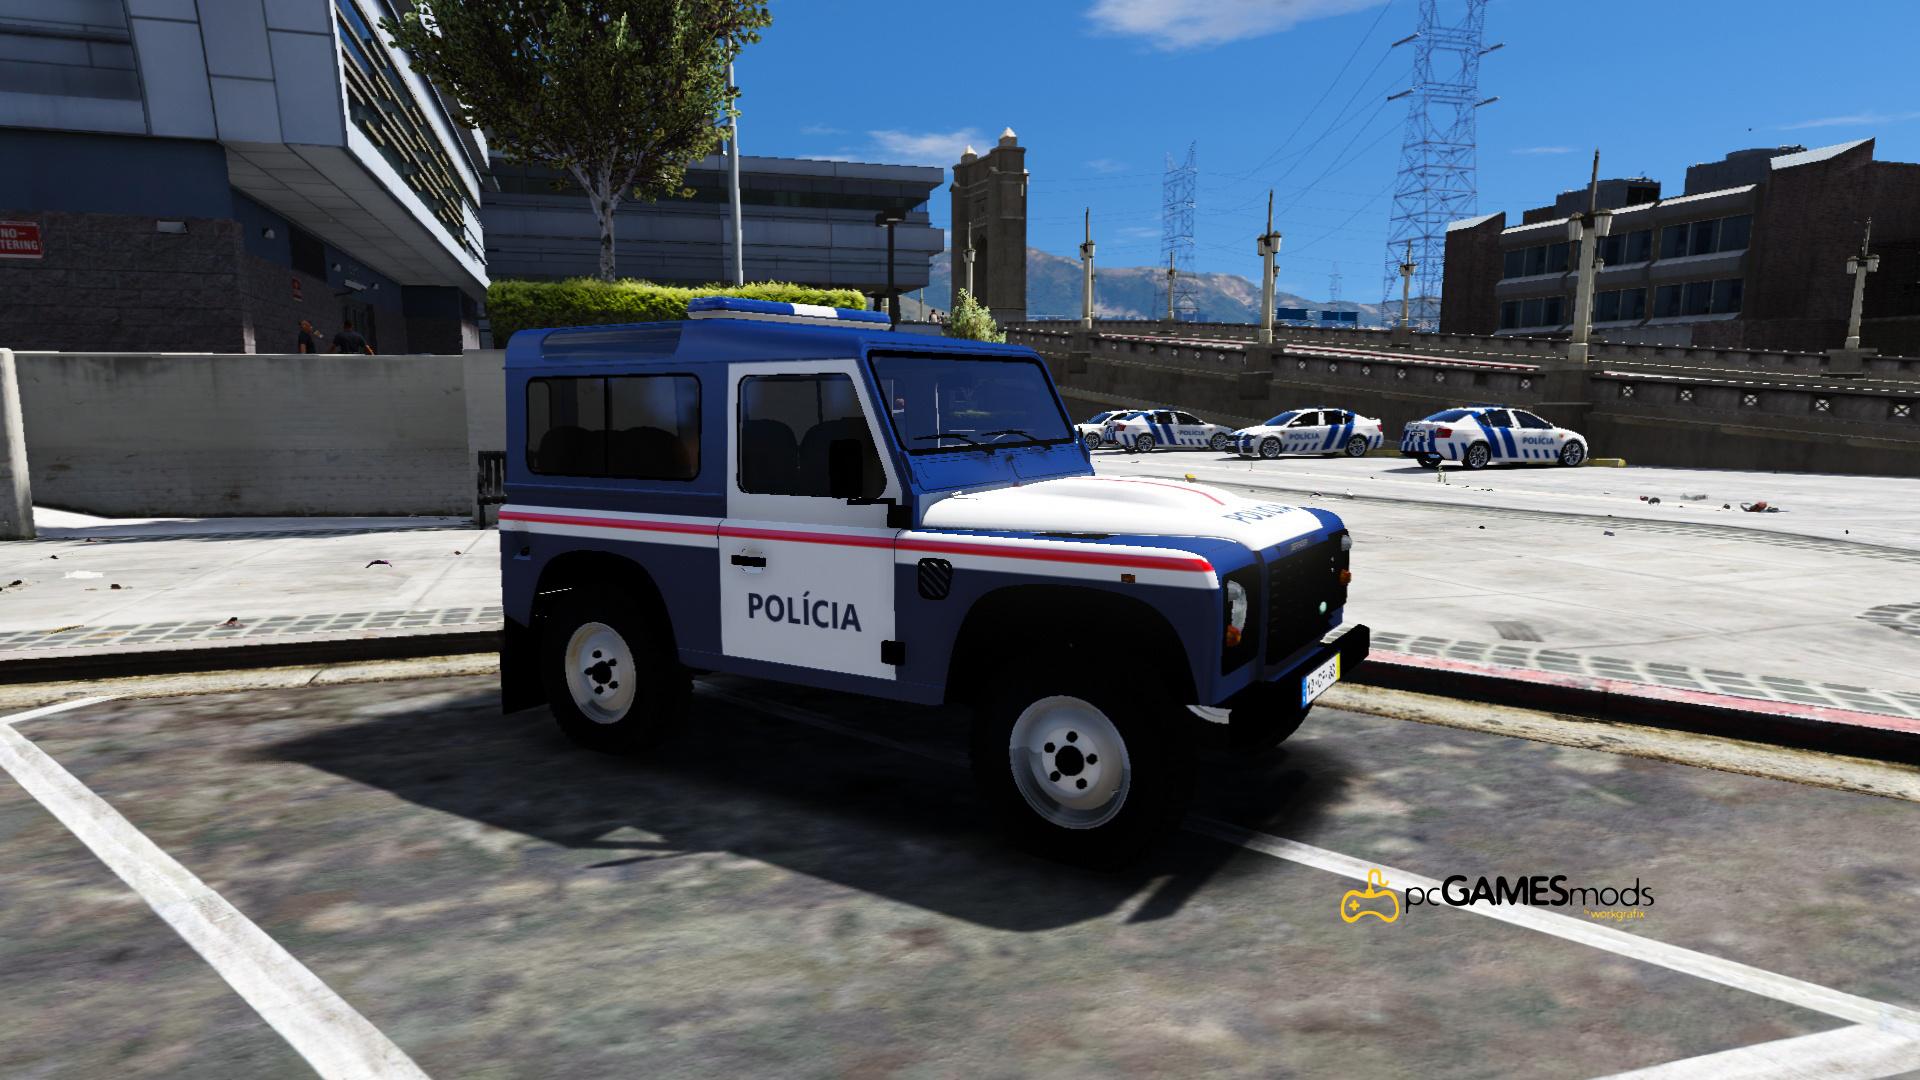 Portuguese Public Security Police Patrol Land Rover Defender